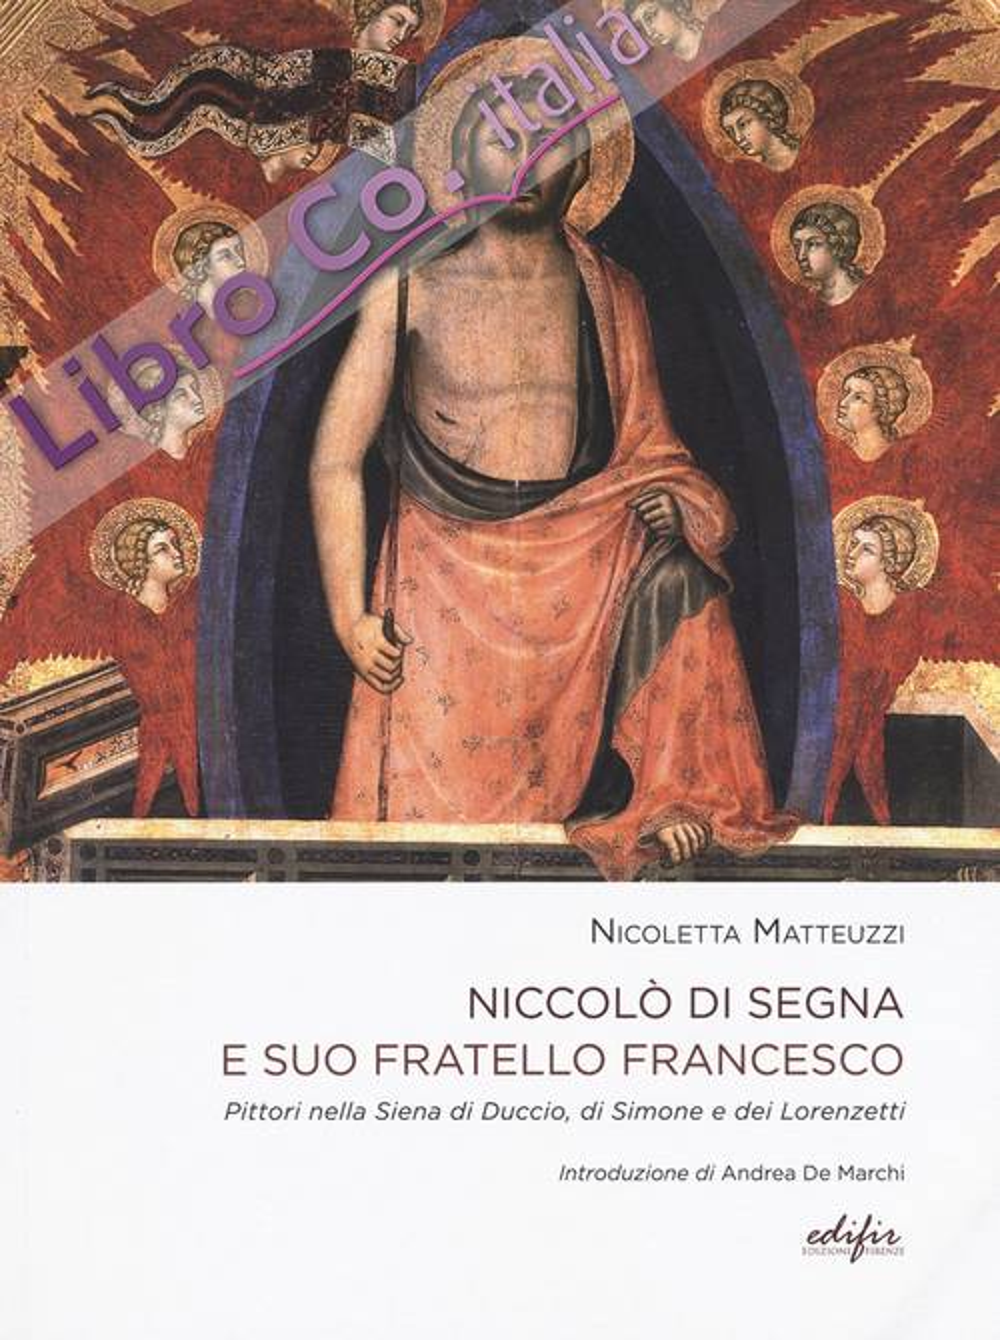 Niccolò di Segna. Pittore nella Siena di Duccio, Simone e i Lorenzetti